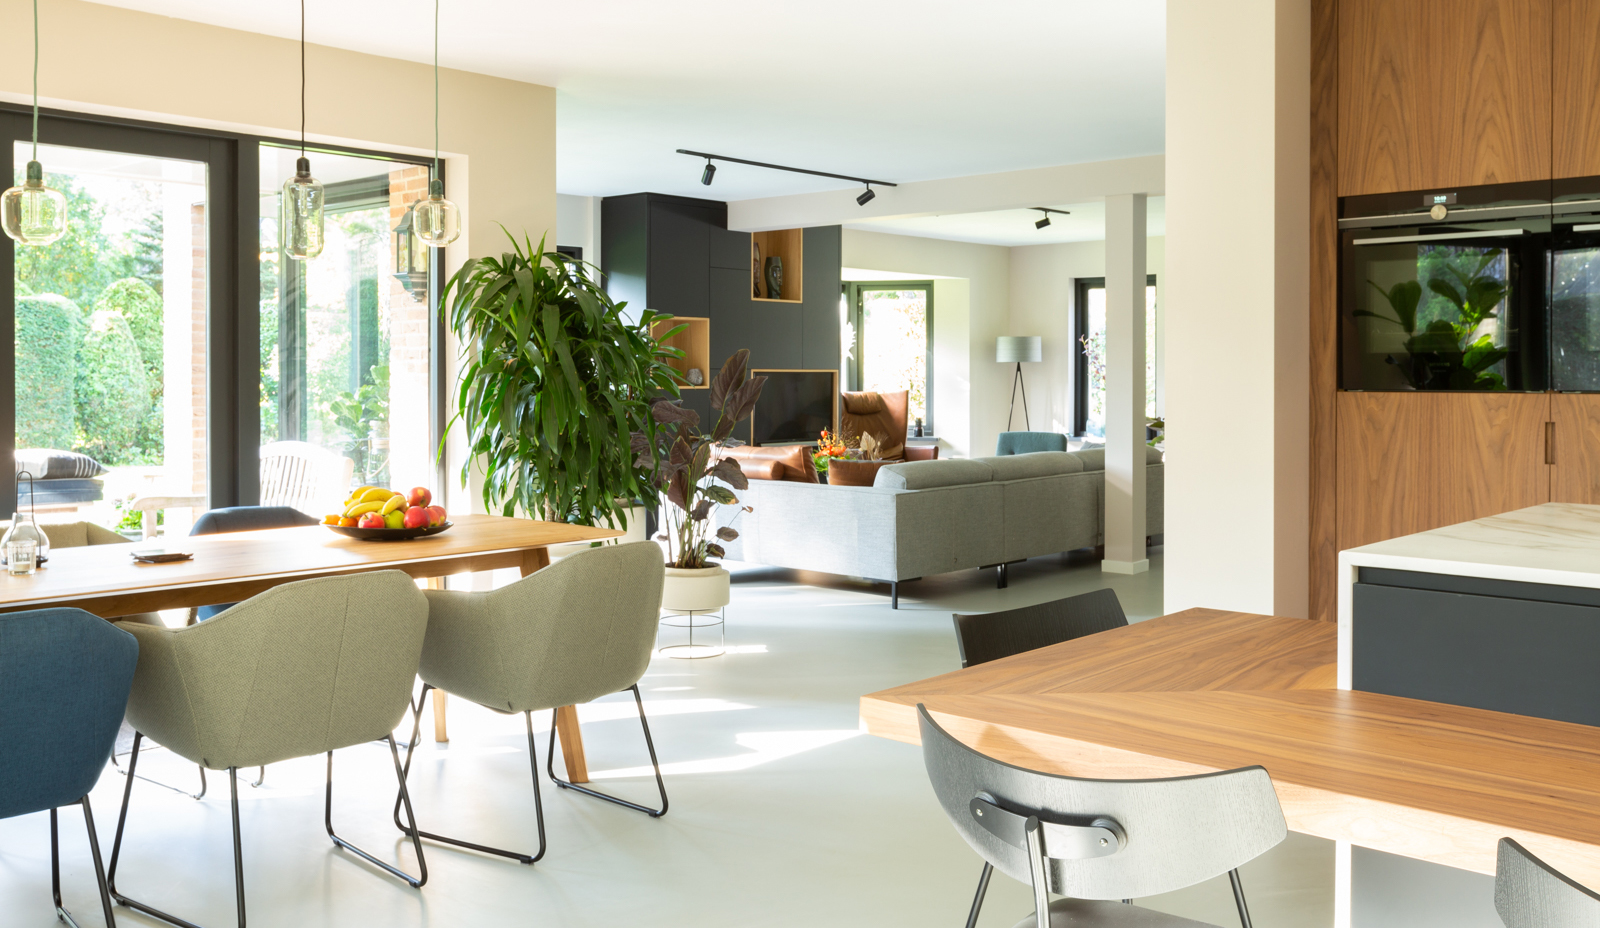 interieurstylist-interieurstyling-interieuradvies-binnenhuisinterieur-utrecht-interieurinspiratie-kleurinspiratie